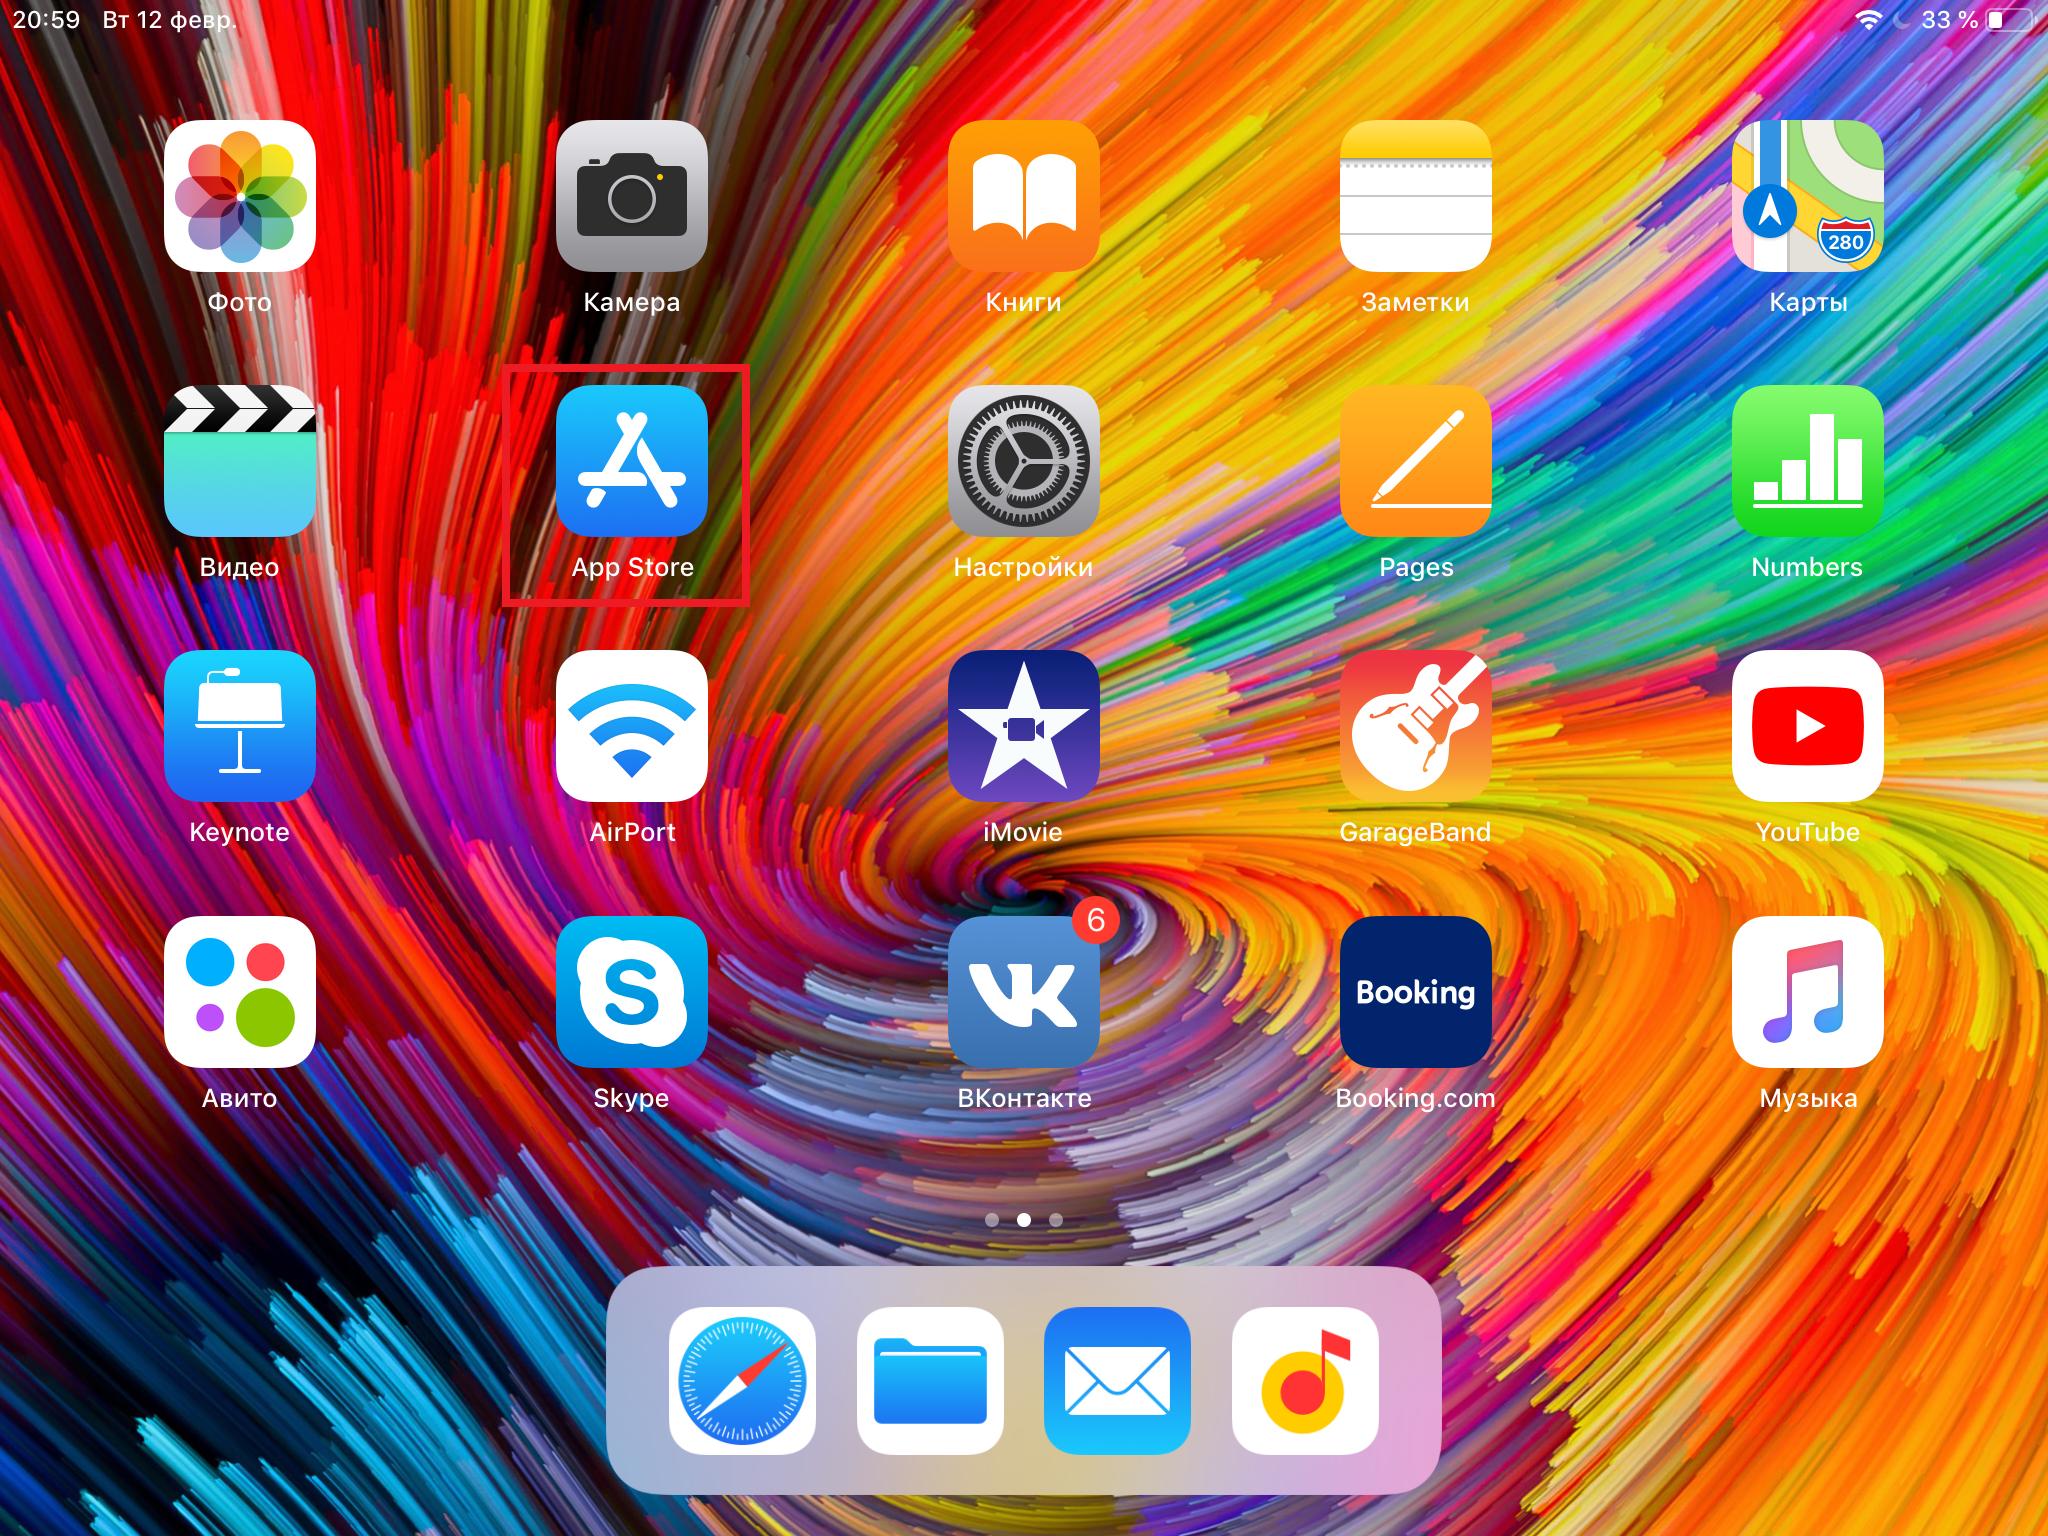 Vybiraem-na-glavnom-ekrane-plansheta-ikonku-AppStore.png